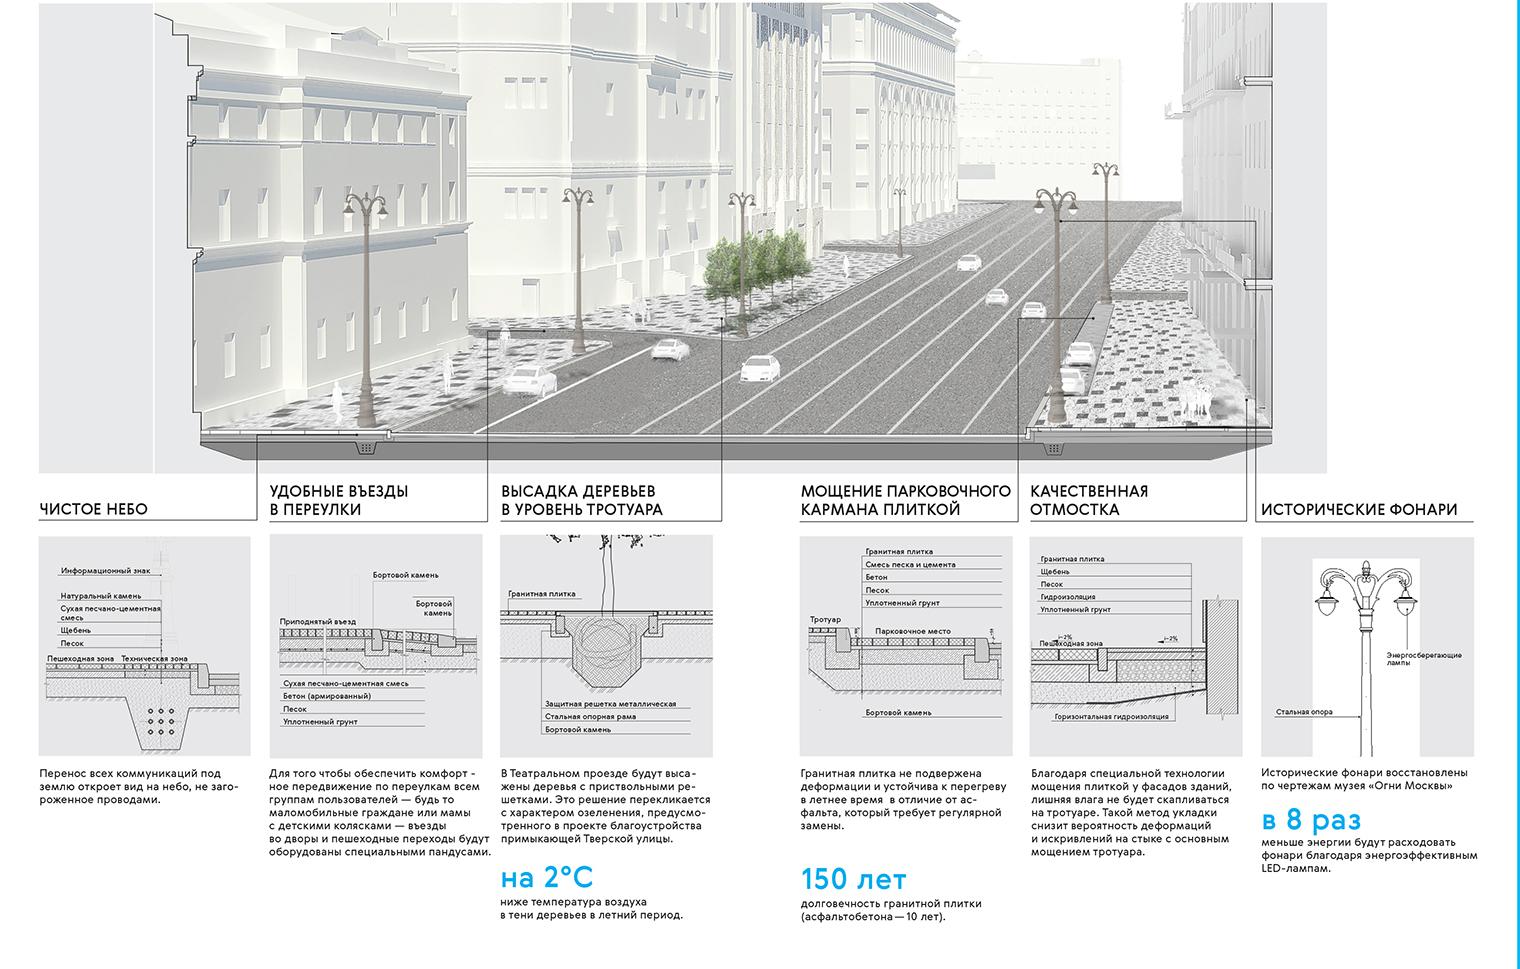 Реконструкция Театральный проезд